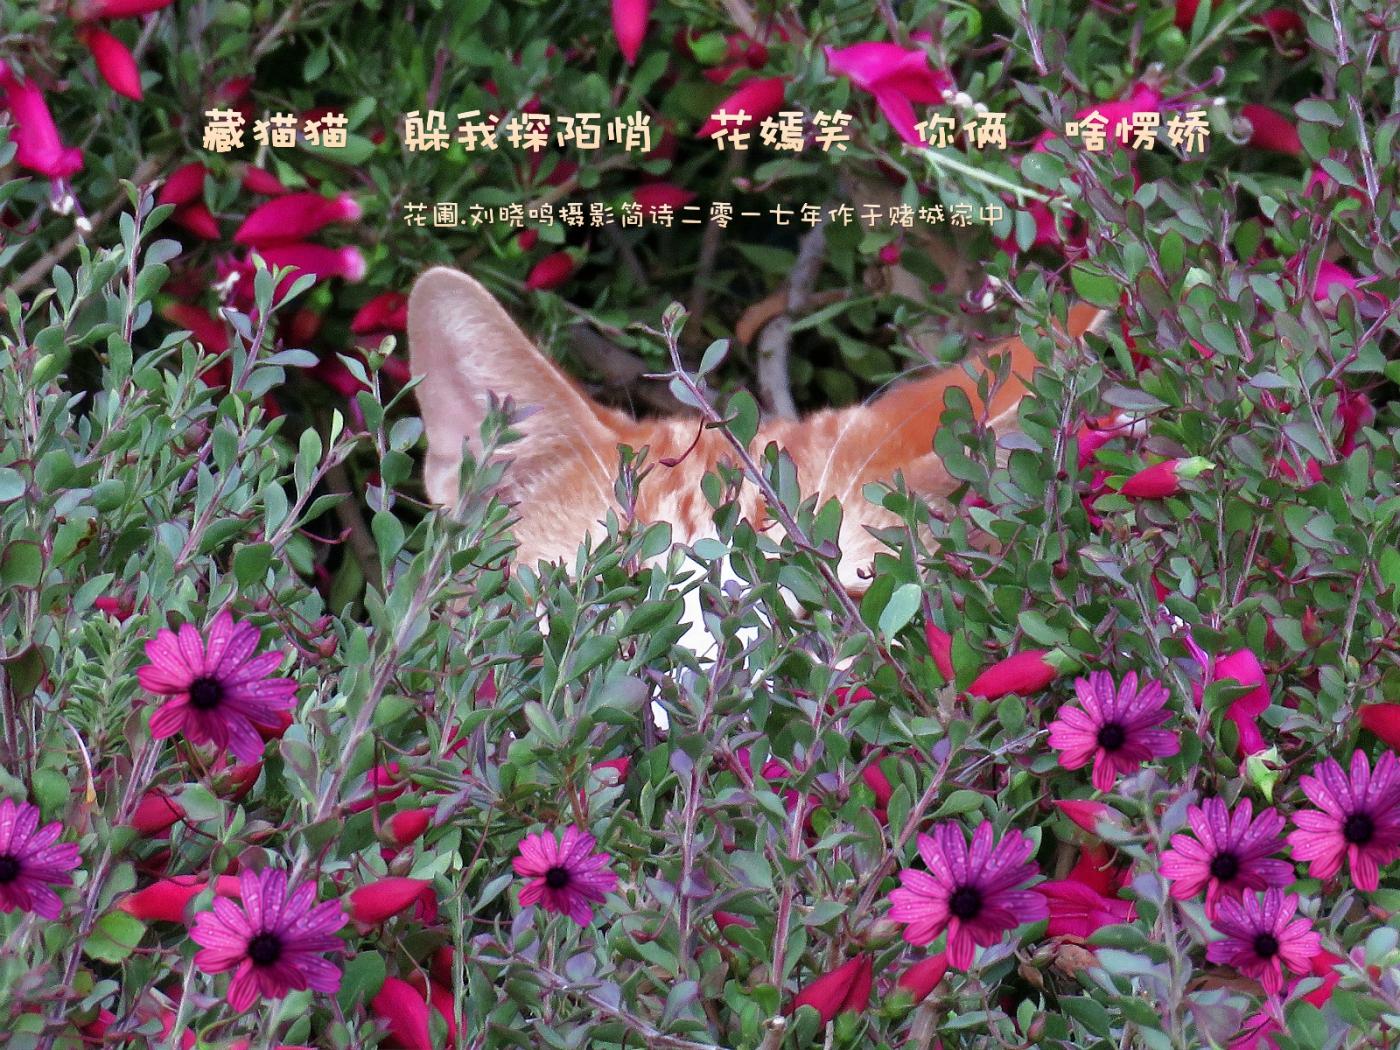 【摄影拼图】花猫躲咪咪_图1-2